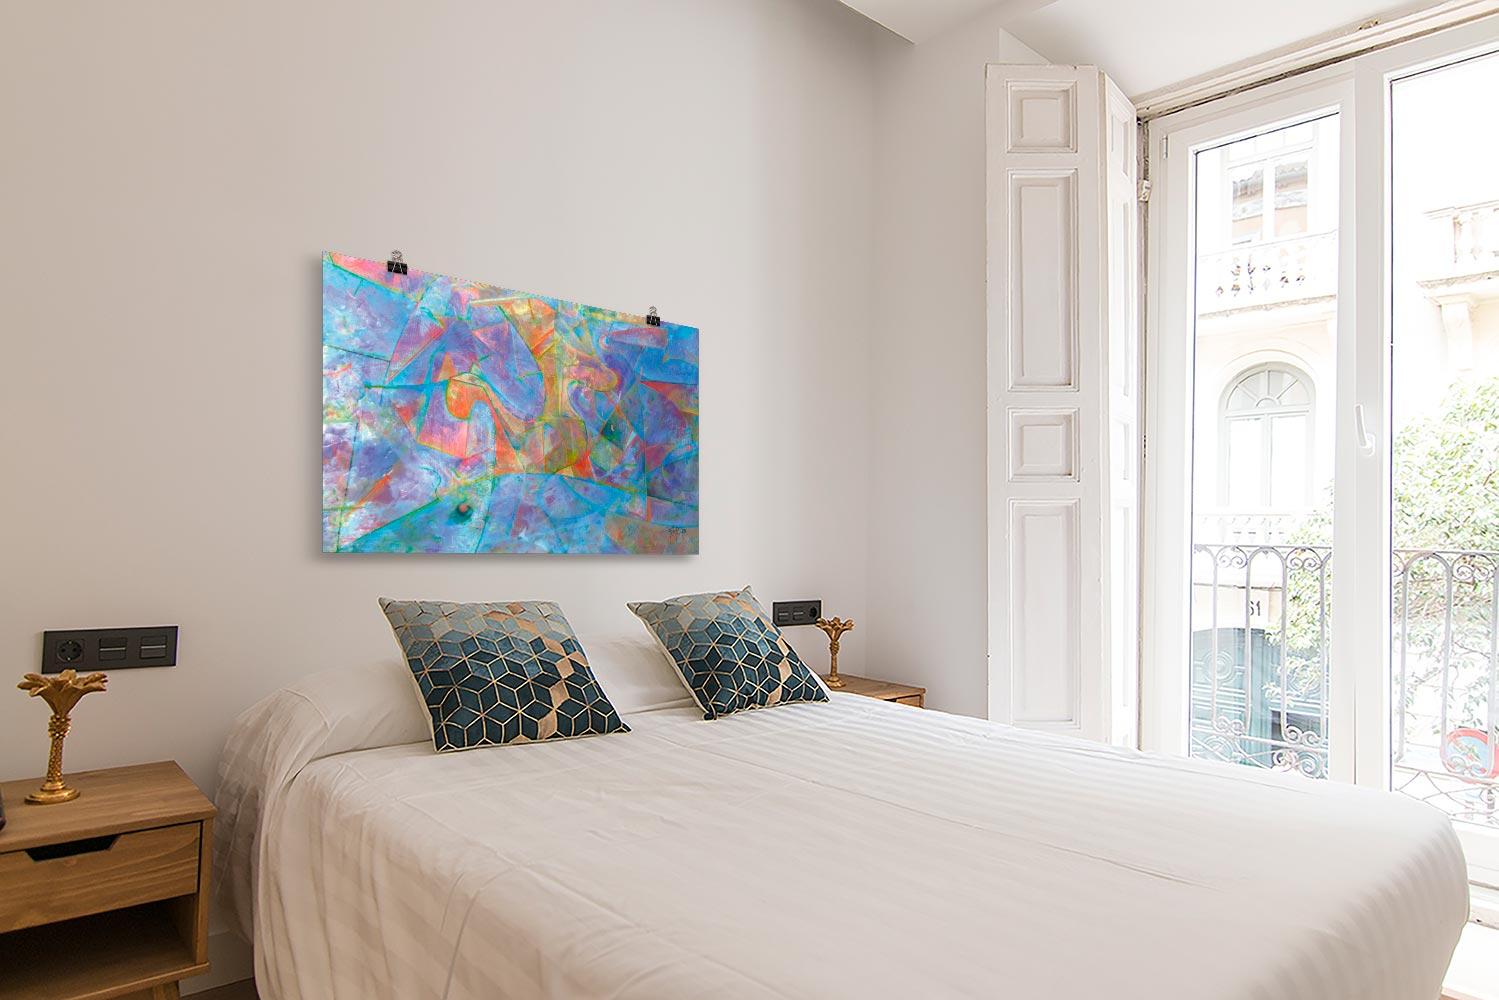 Reproducción de arte en lámina - dormitorio con balcón - Espacio de Comunicación - Encáustico - Geometria y Abstracción - Matérica -pintado por Fernando Pagador